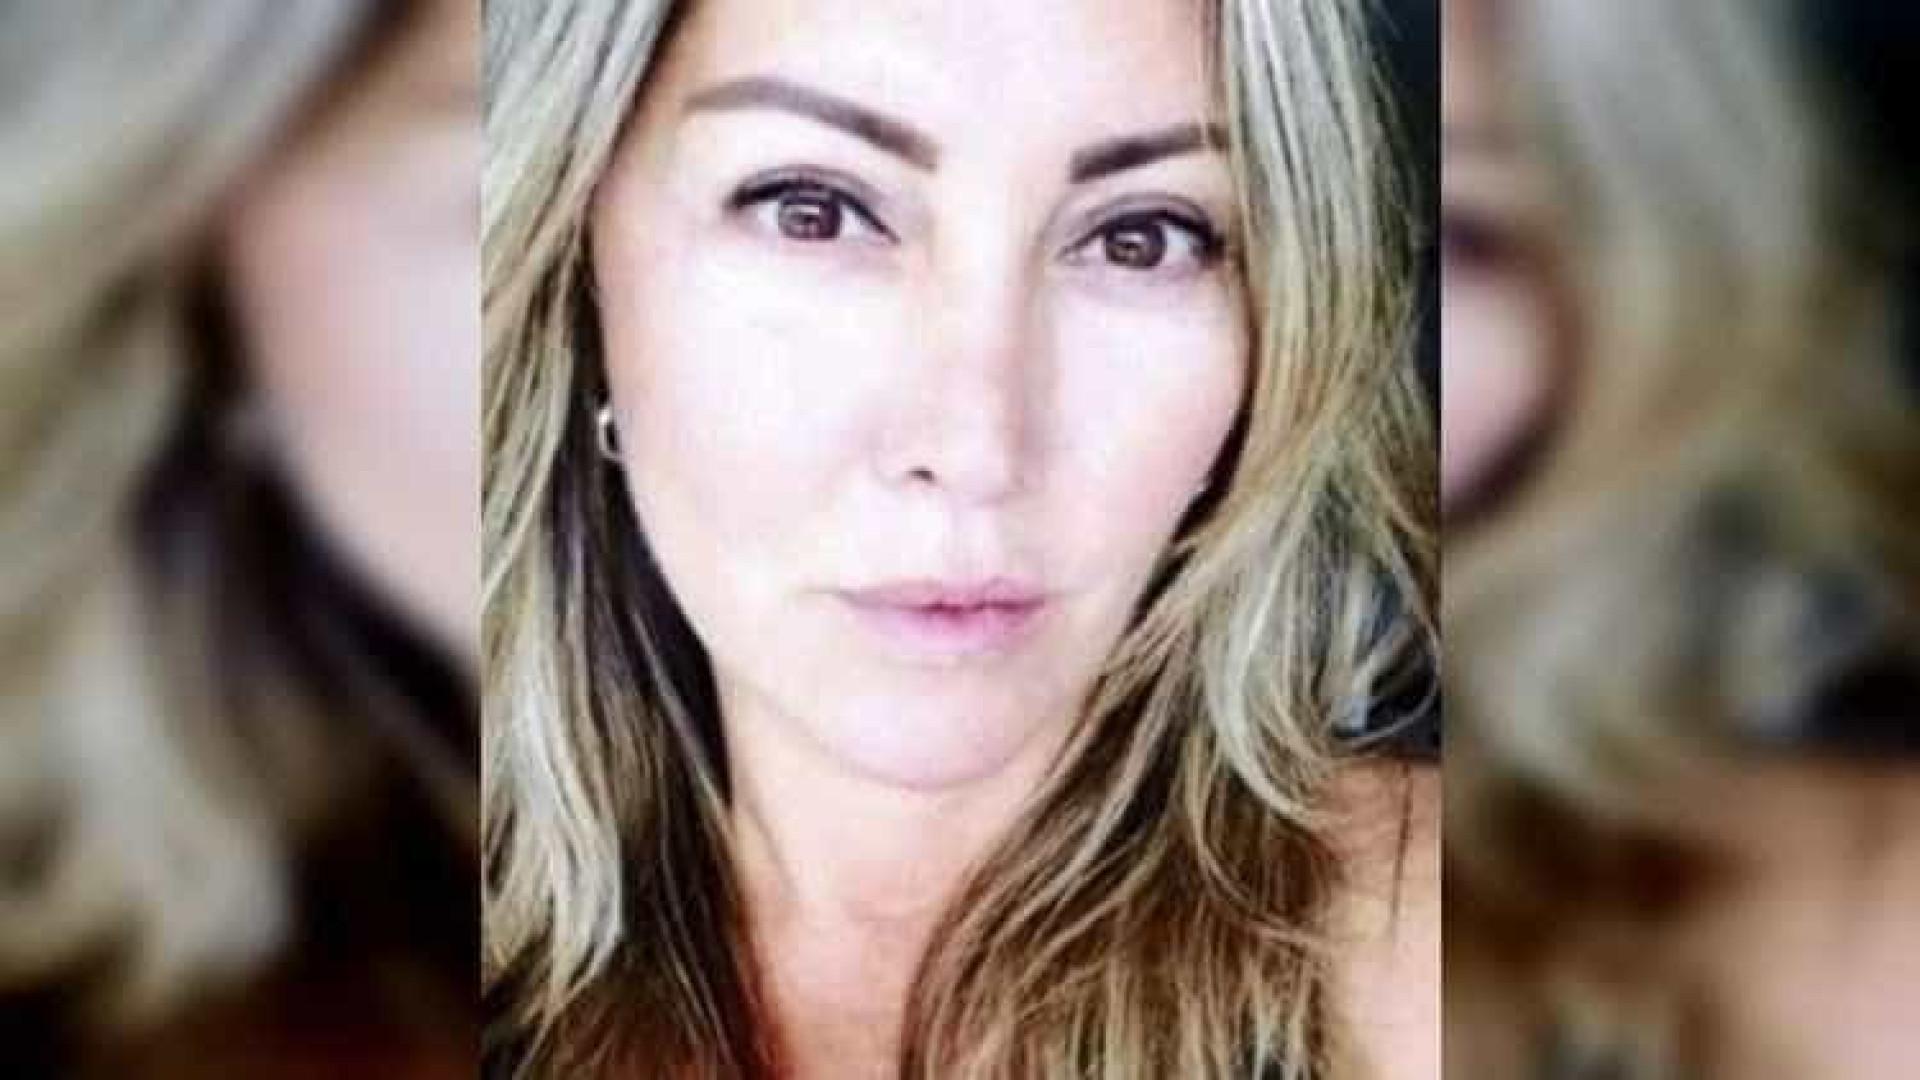 'Logo estarei numa boa', diz mulher espancada por 4 horas no Rio; vídeo